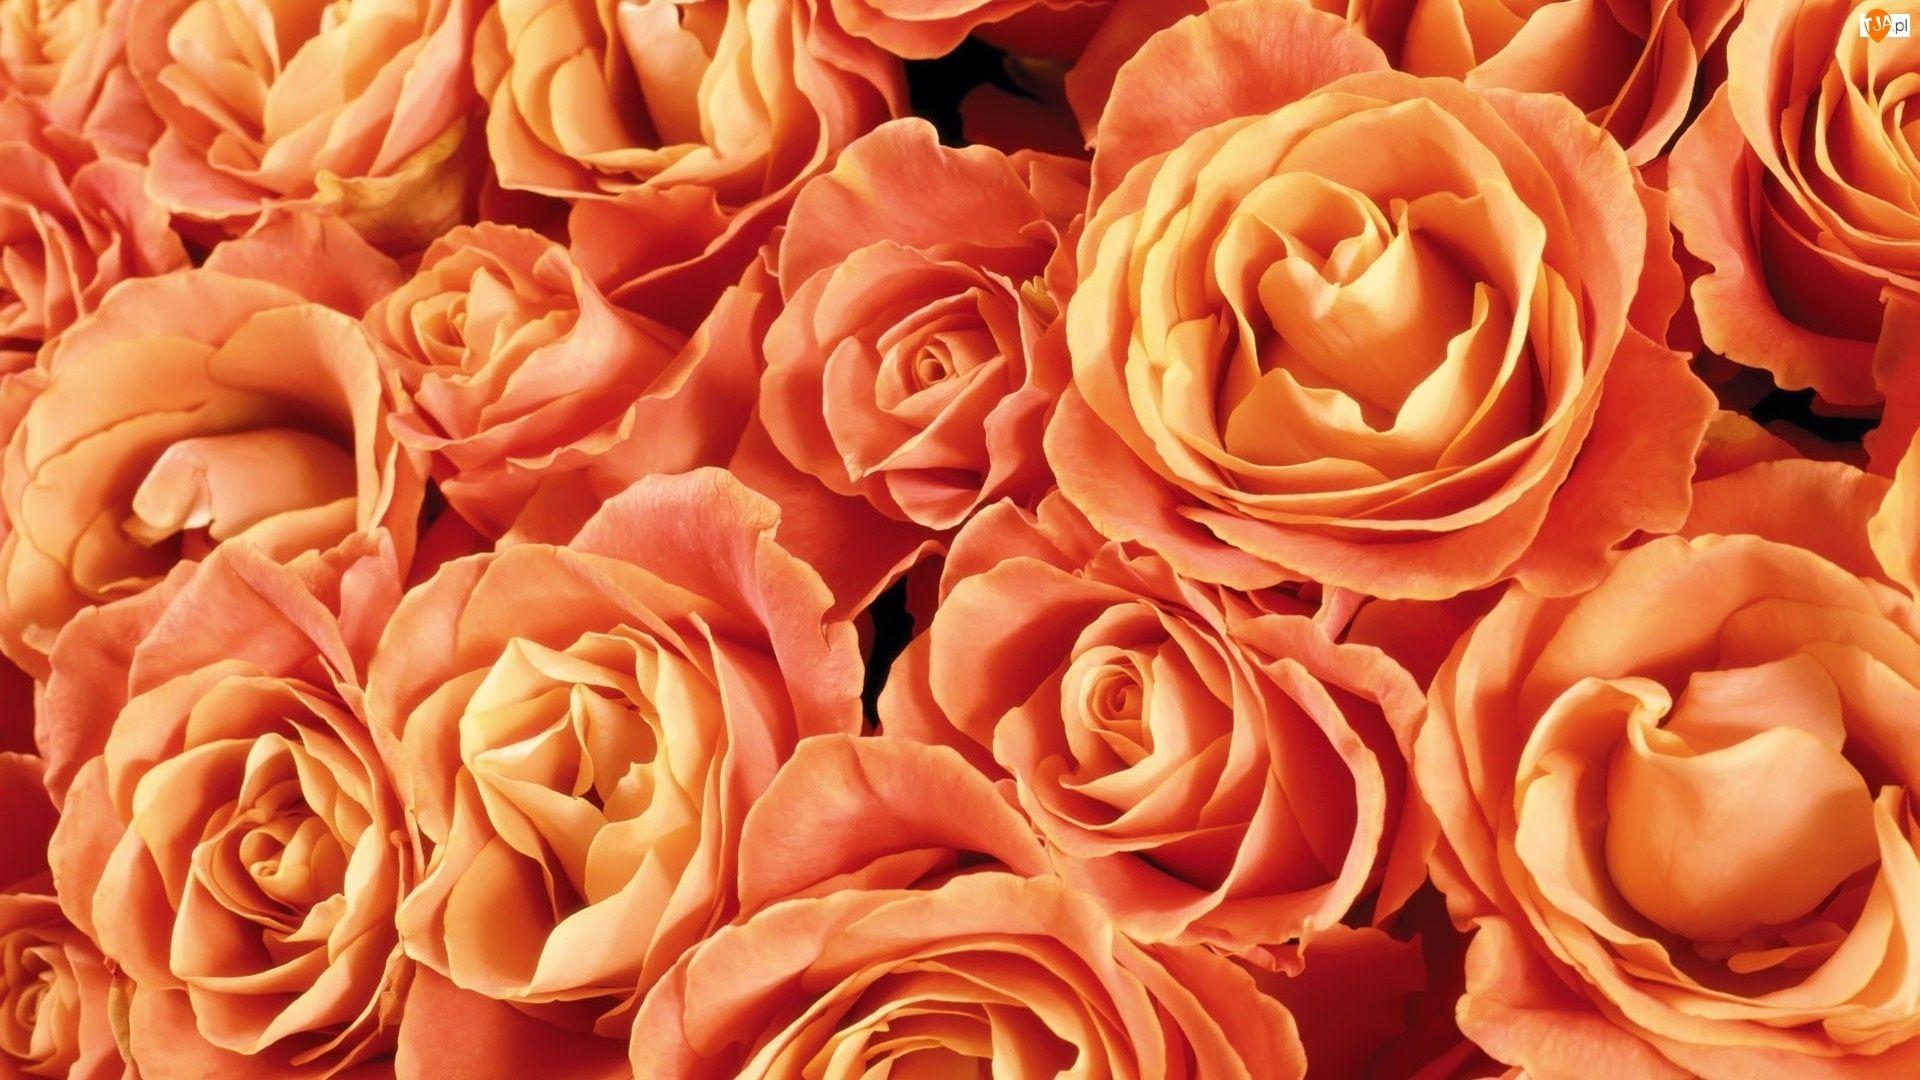 Beautiful Rose desktop wallpaper